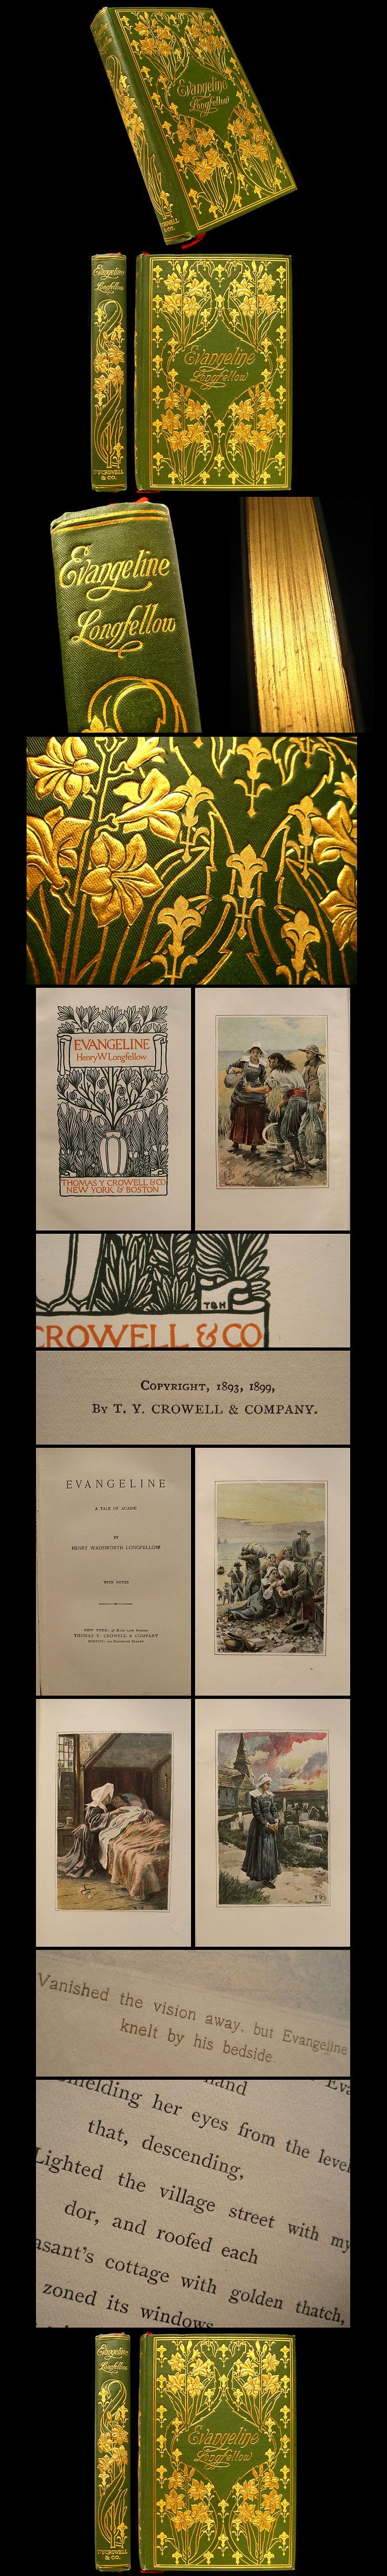 1899 Evangeline by Henry Wadsworth Longfellow - Art Nouveau Fine Binding